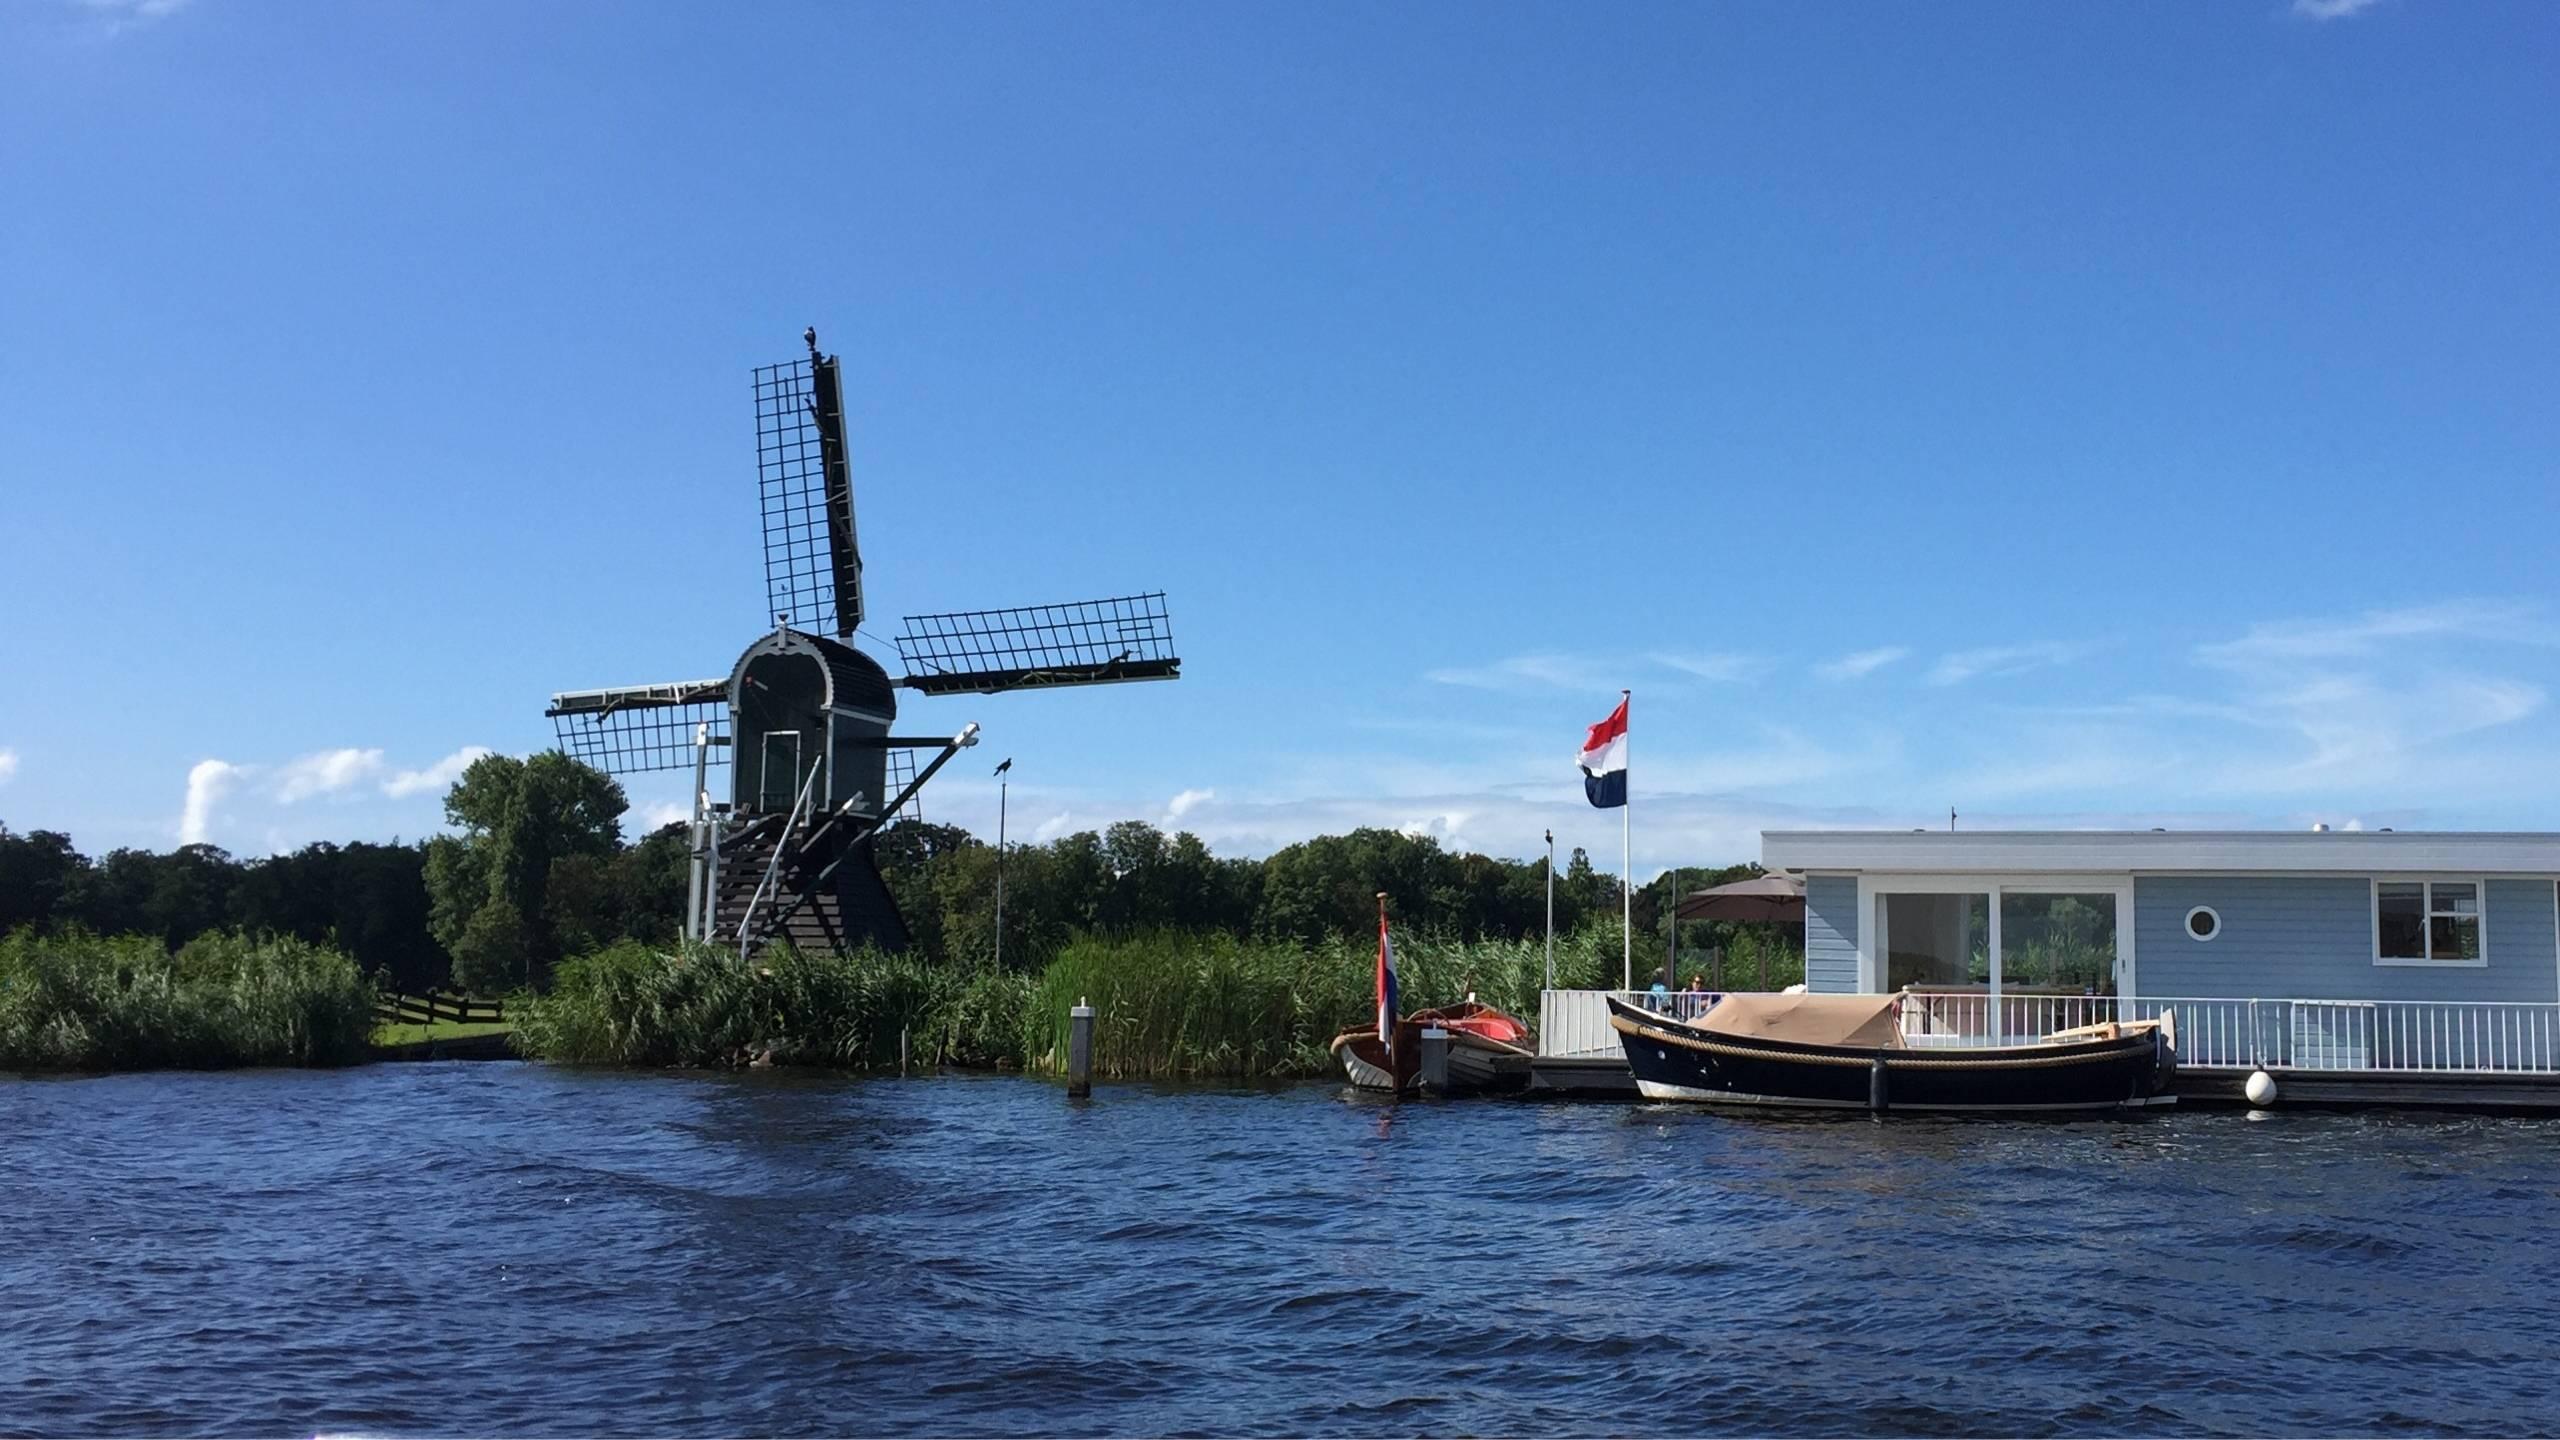 De molens van de Kagerplassen